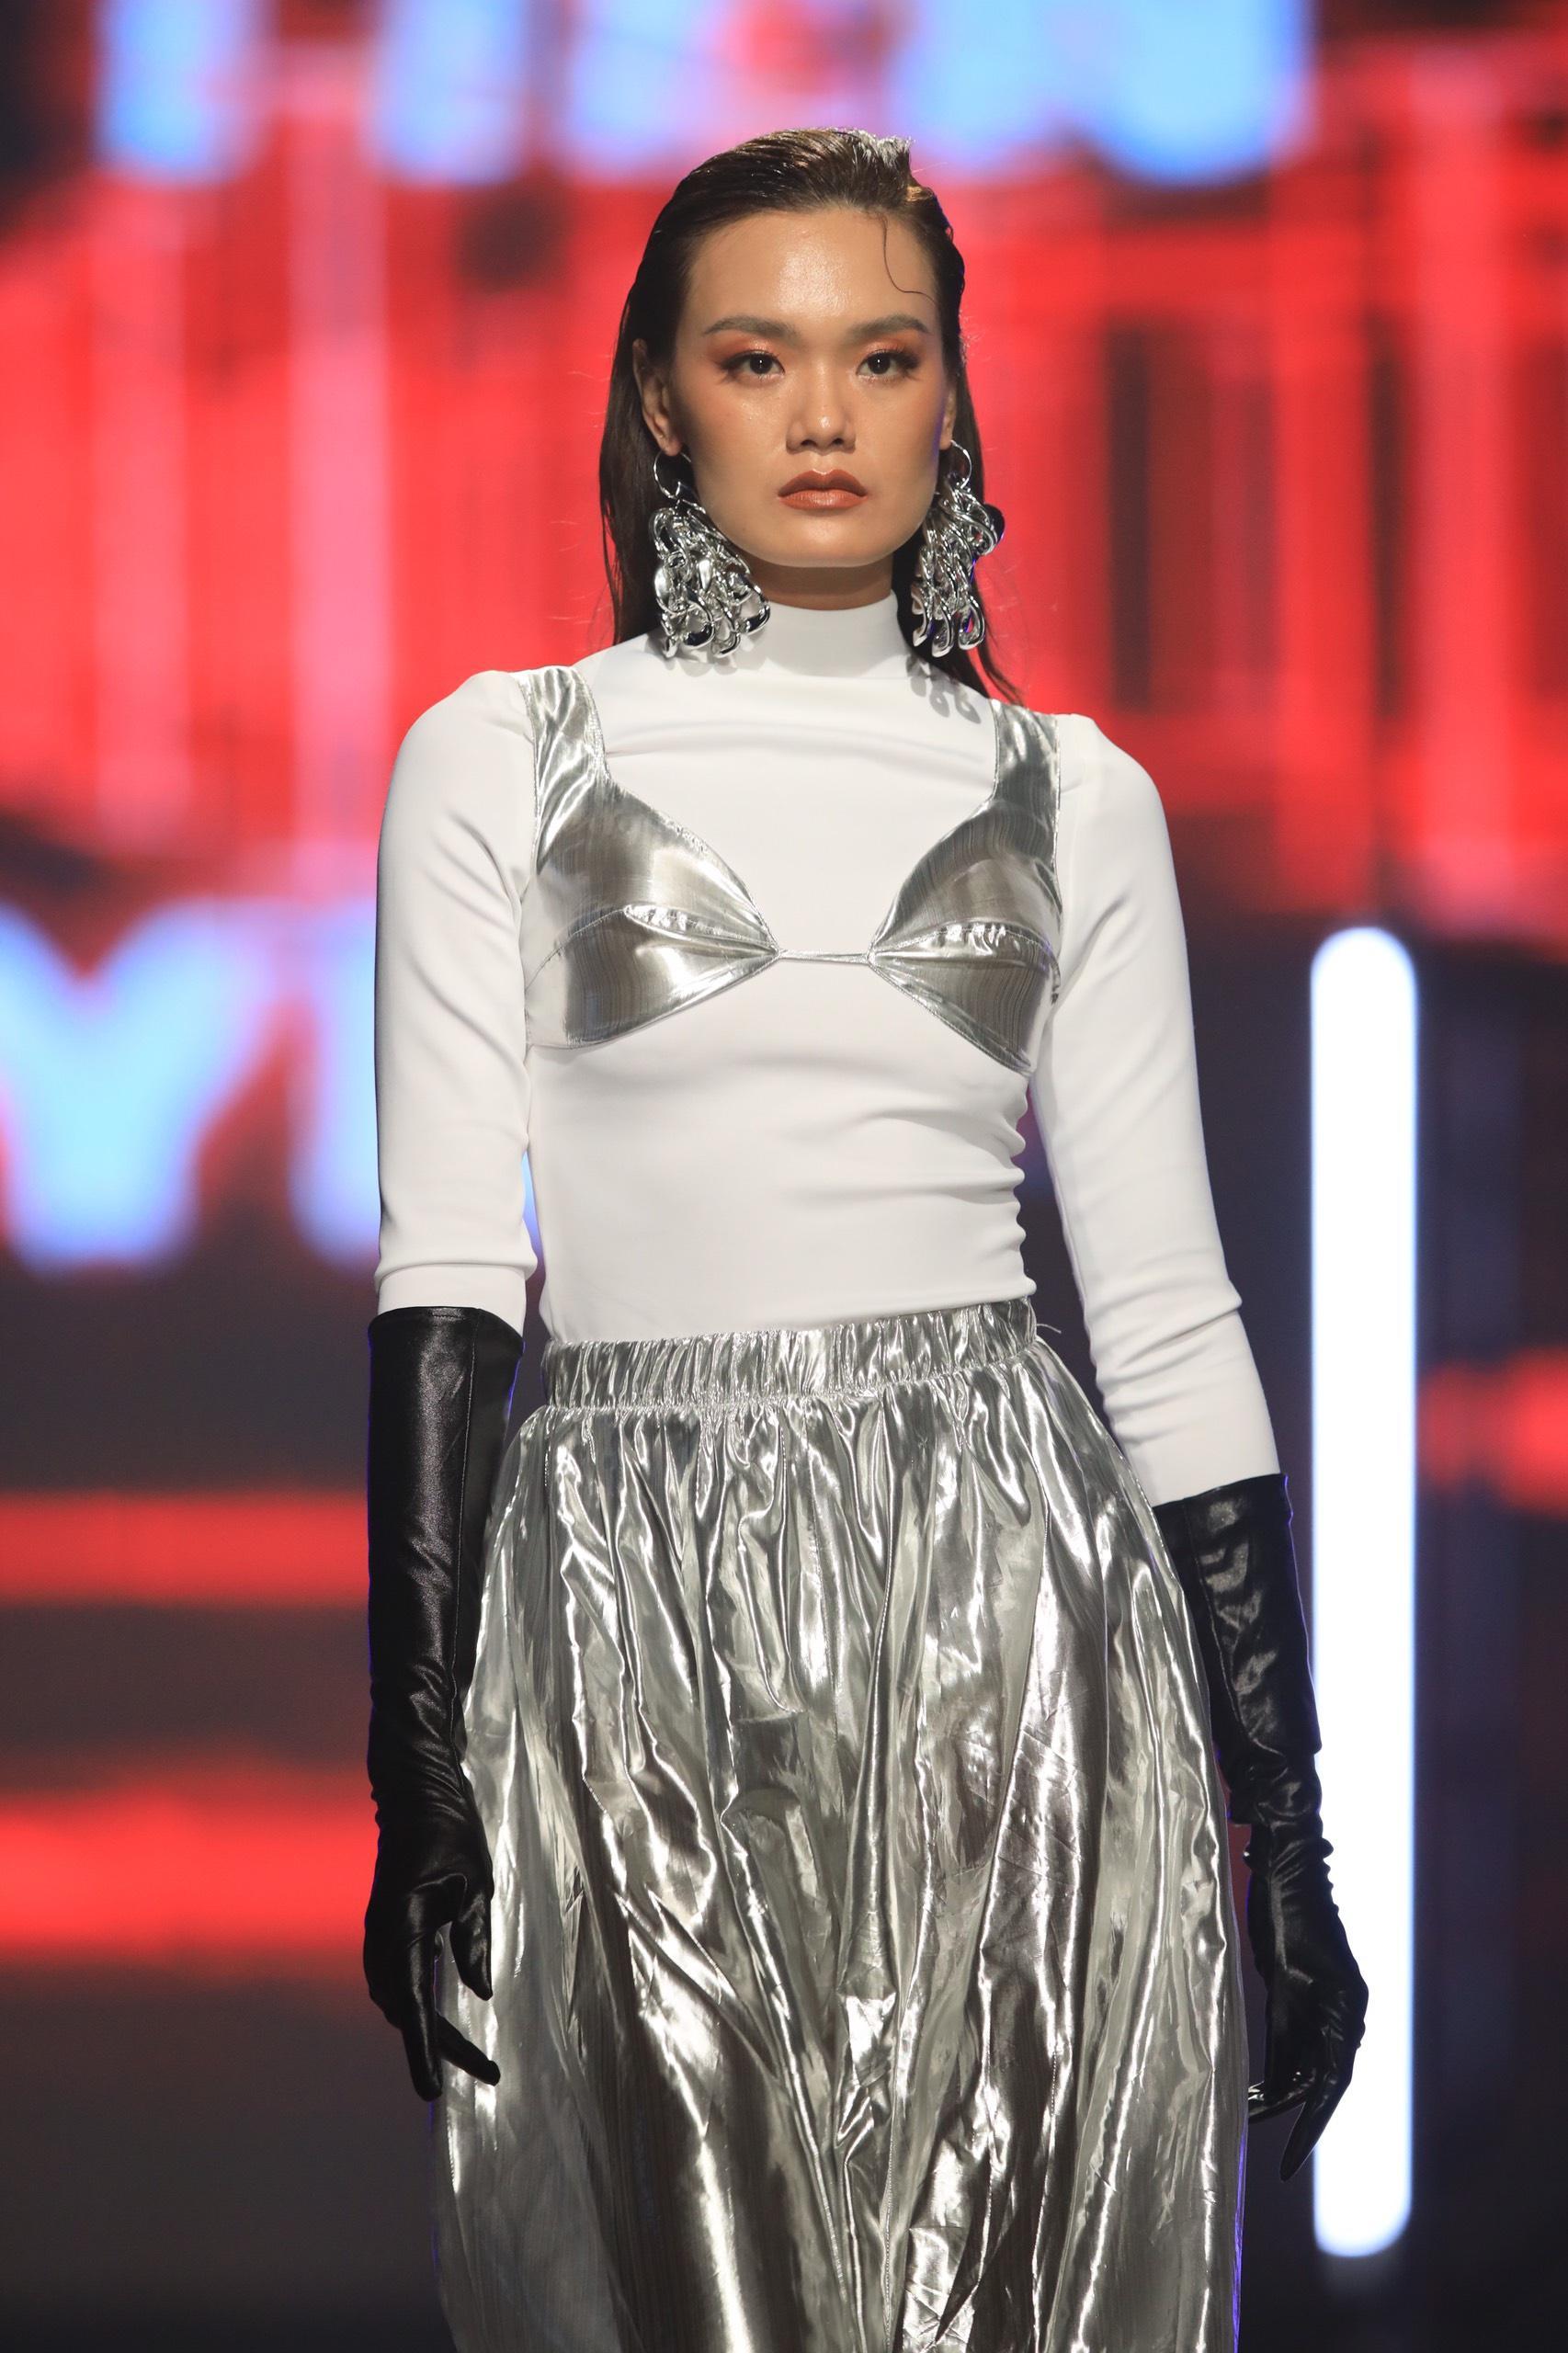 Hoa hậu Tiểu Vy mặc áo lưới gợi cảm trong show thời trang Ảnh 5